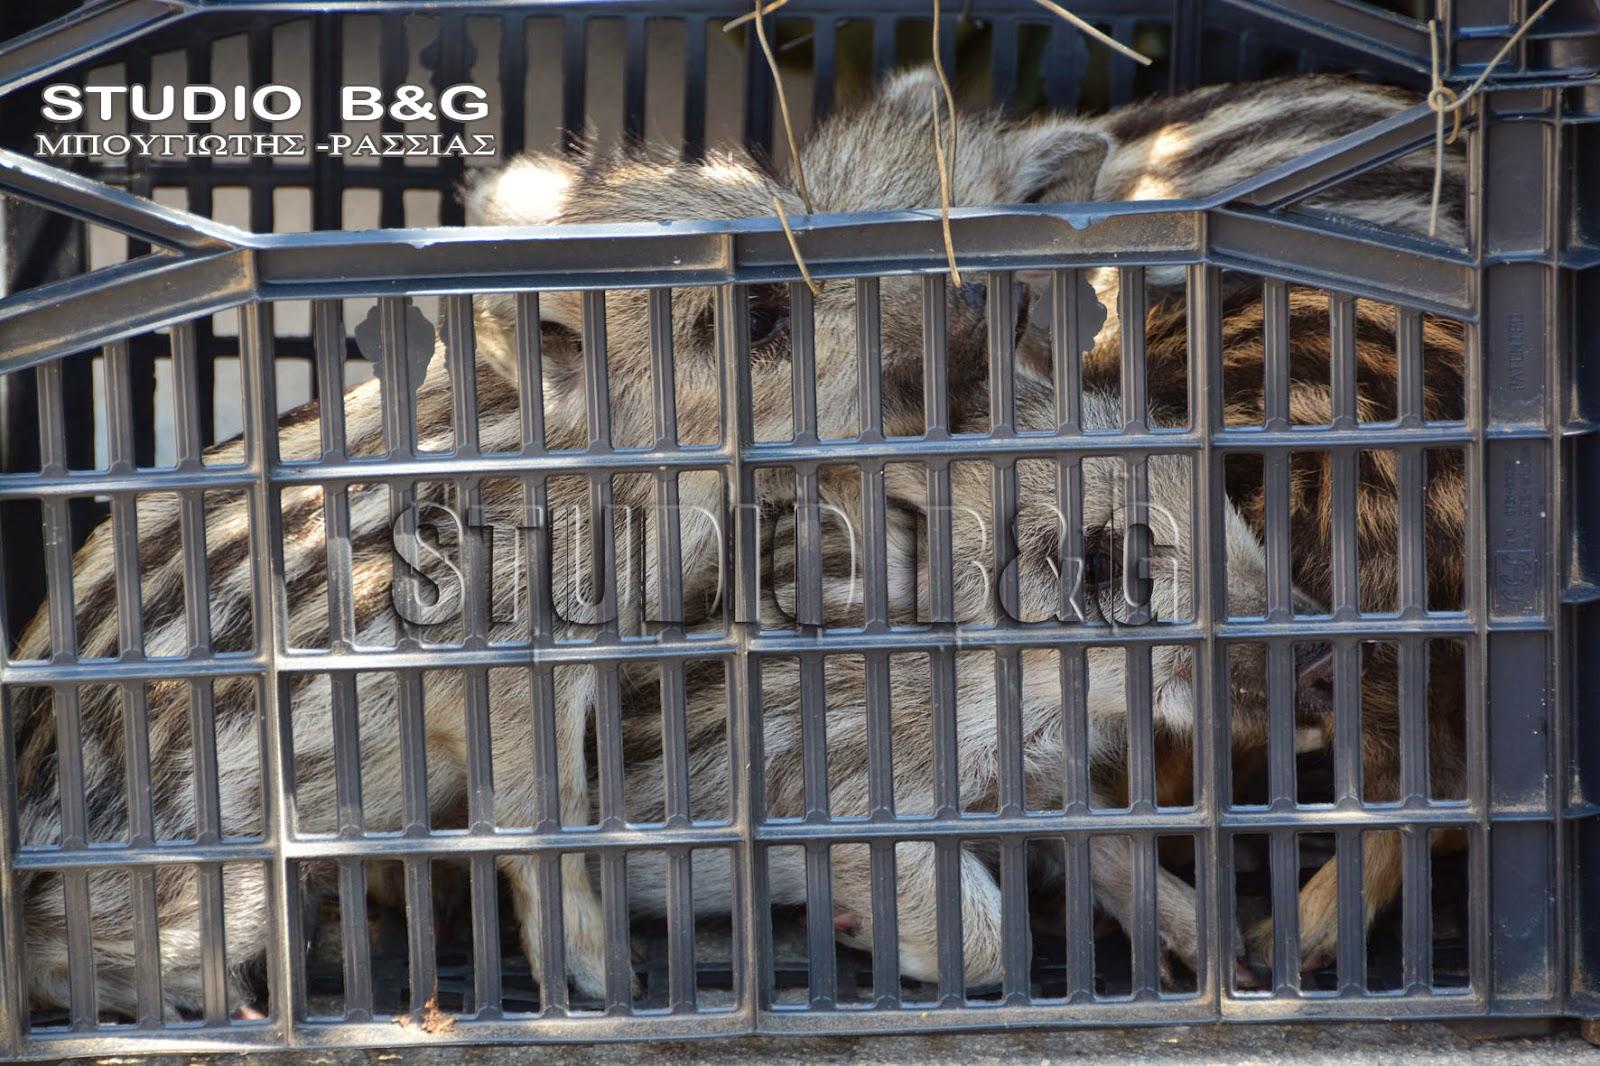 γνωριμίες άγριων ζώων δημοφιλής ιστοσελίδα dating Μαλαισίας